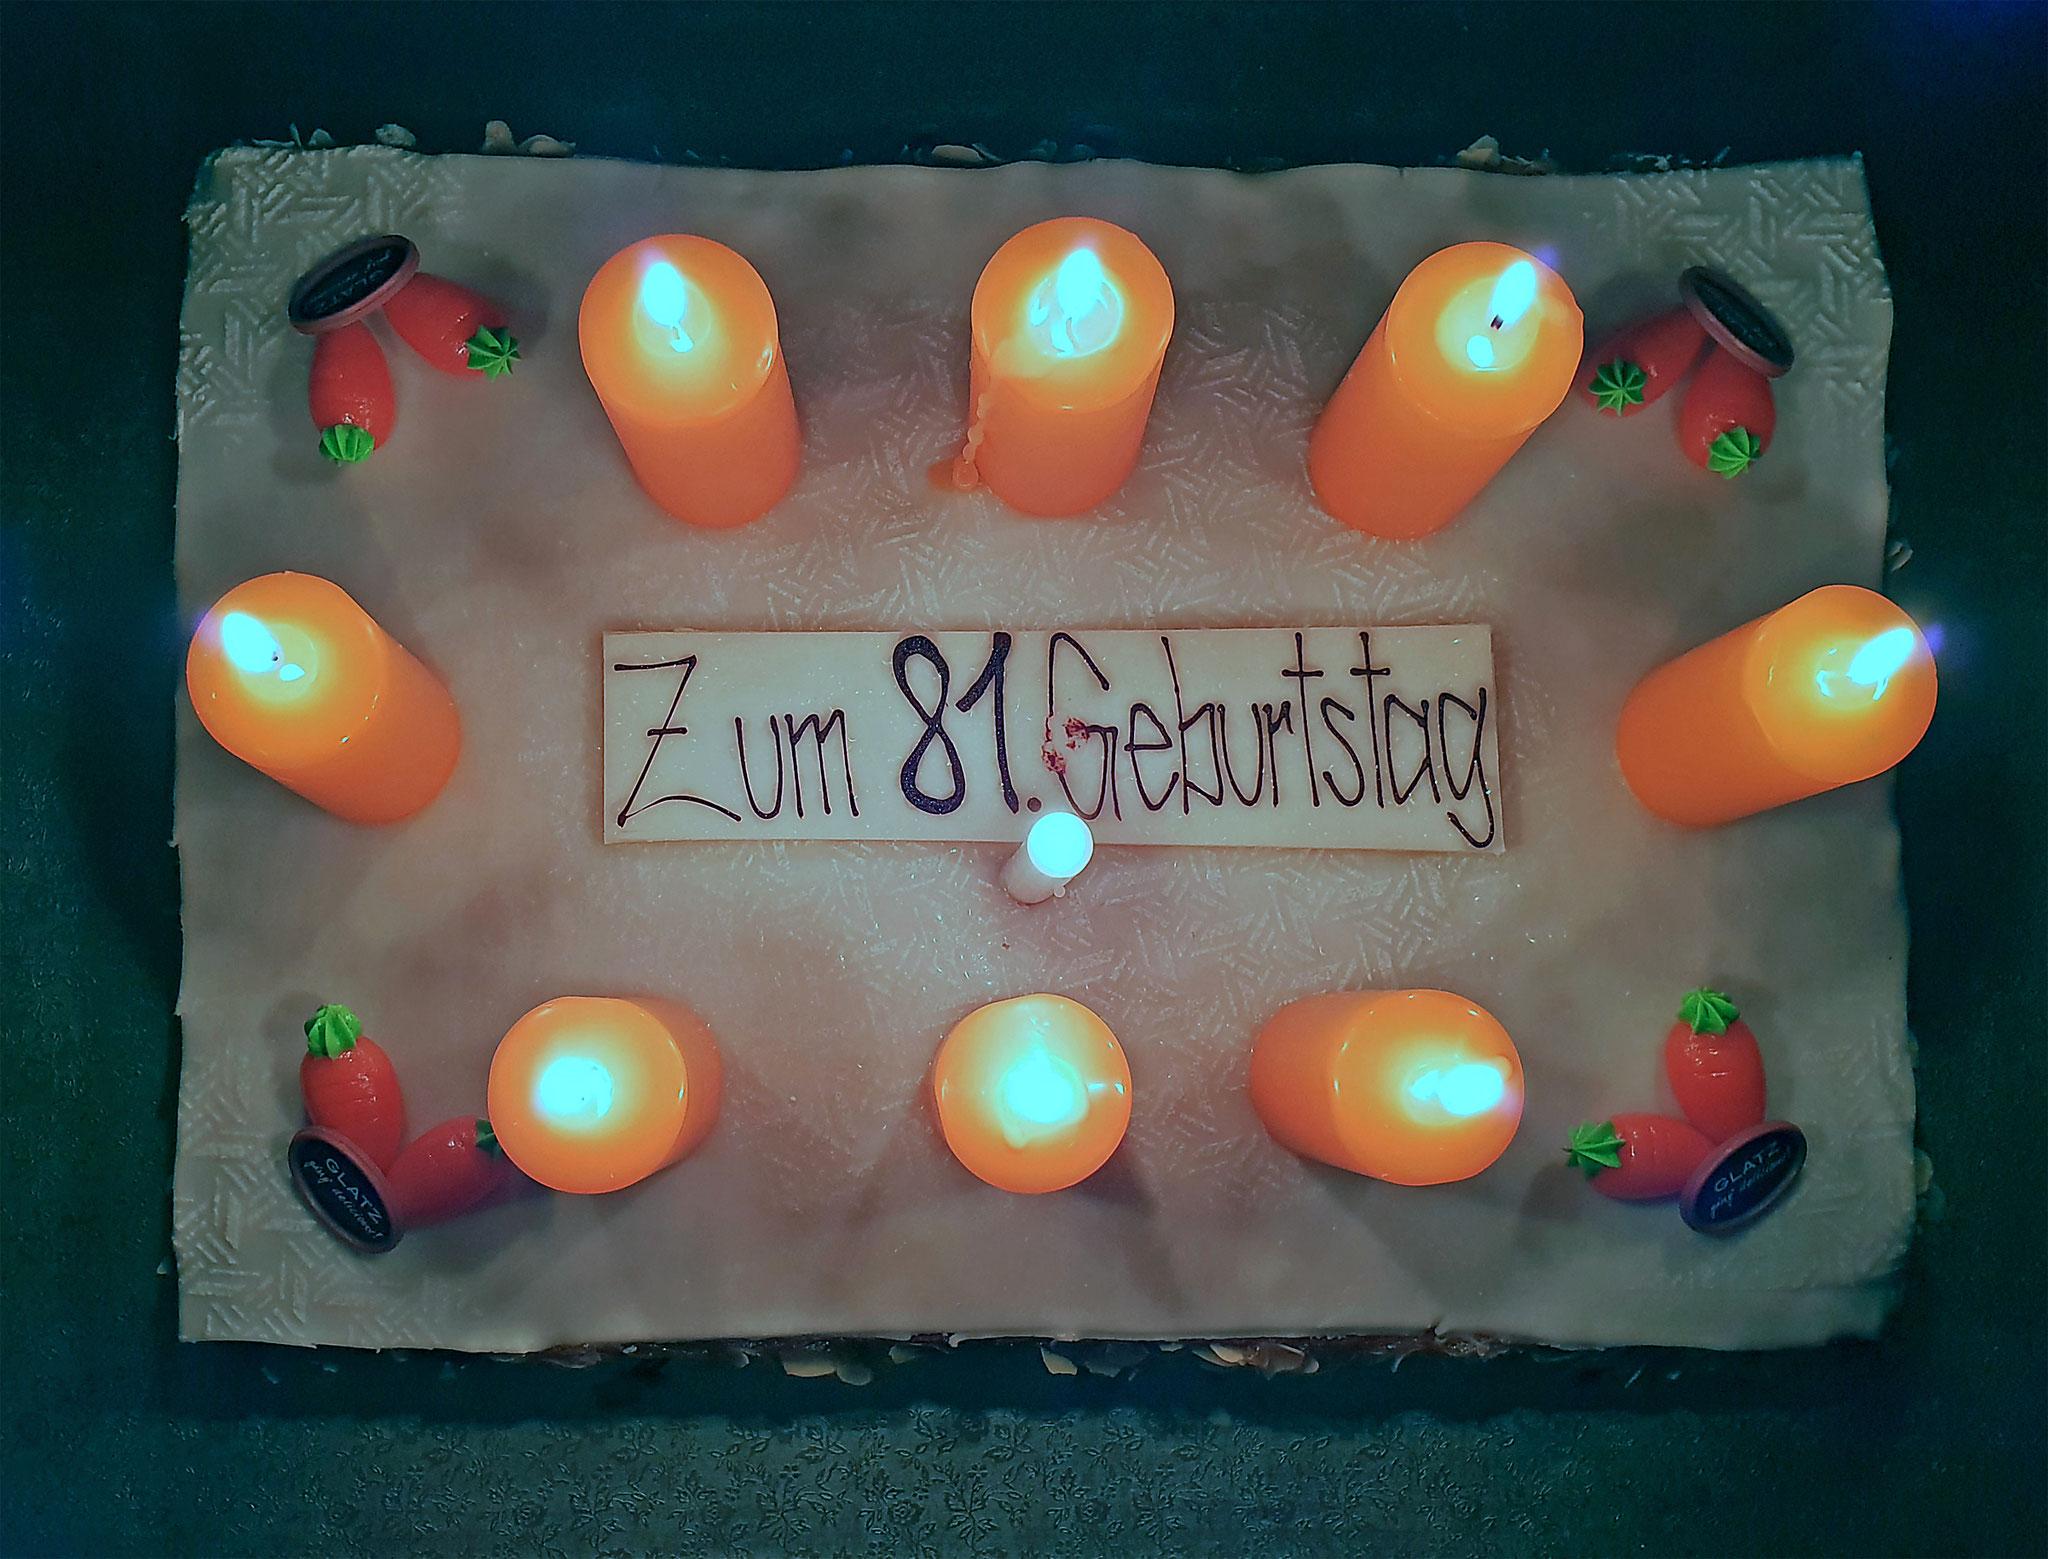 Der herrliche Rüebli-Geburtstagskuchen...